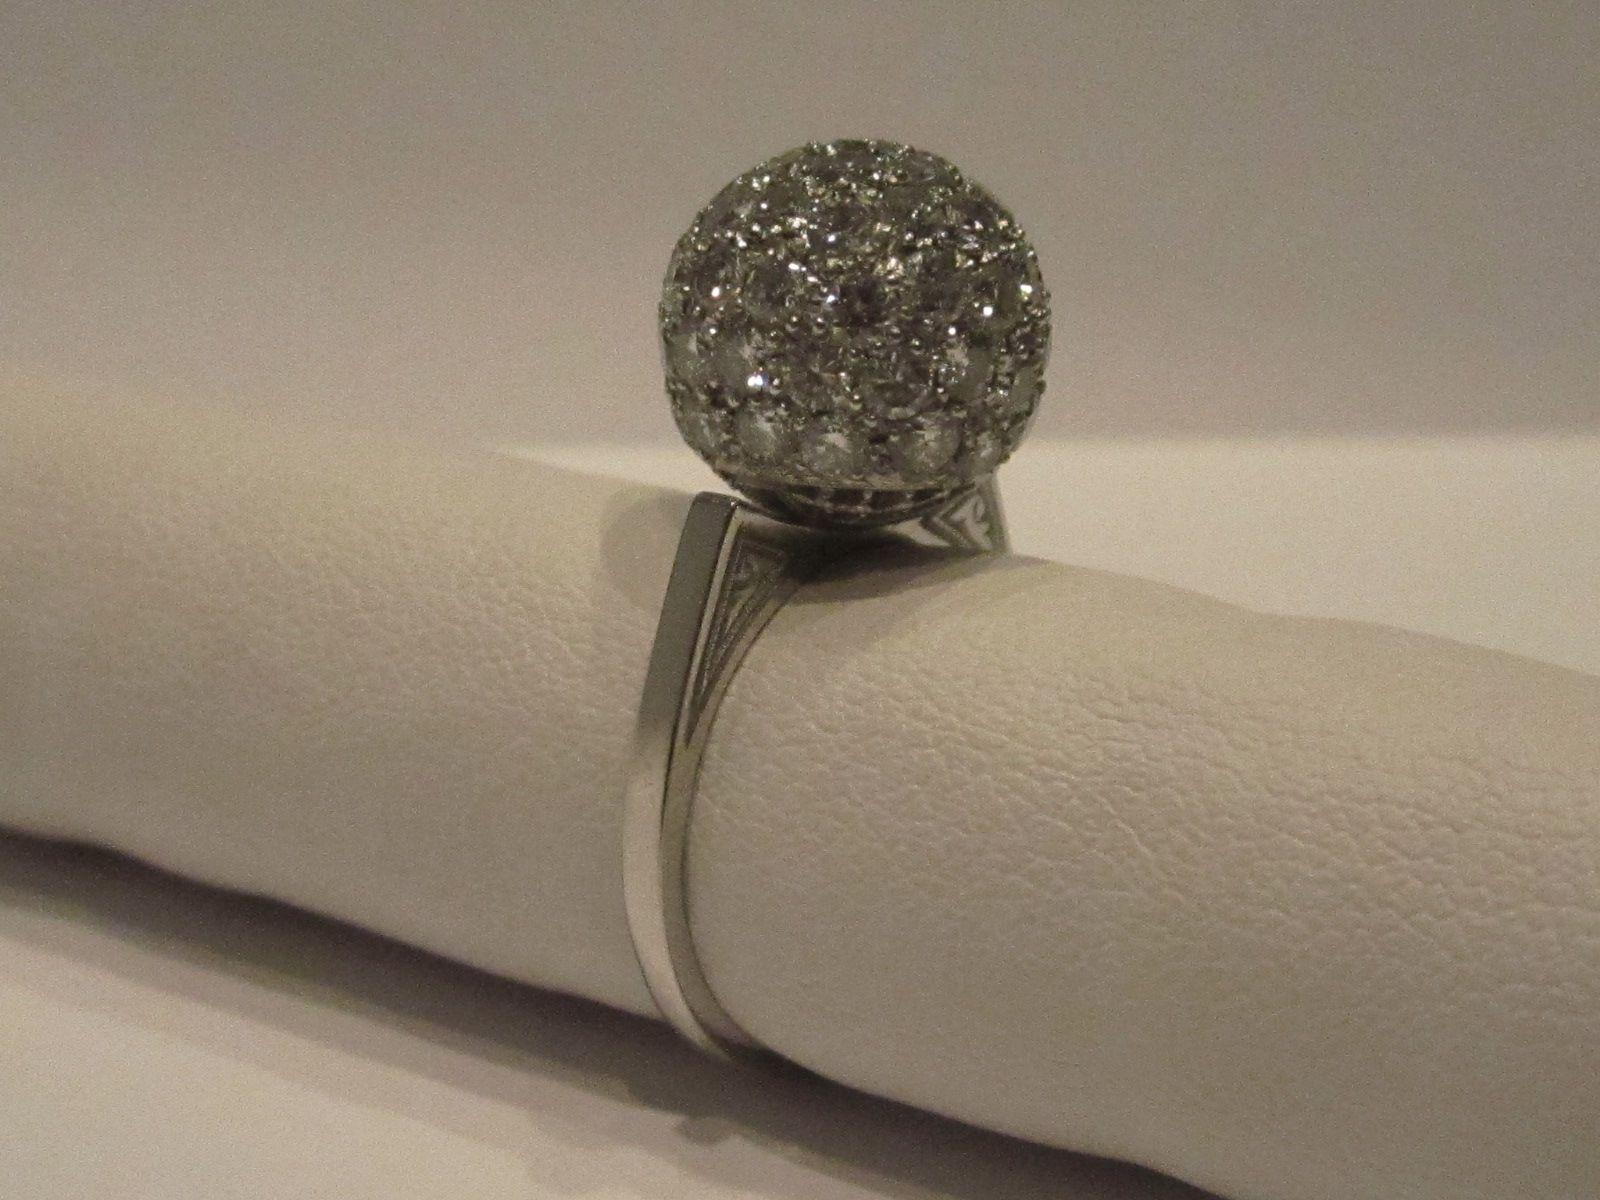 Anello stile Vintage in platino con diamanti taglio brillante.  Visitate il nostro sito www.easyoro.it e scoprirete tanti altri Gioielli...Vi aspettiamo!